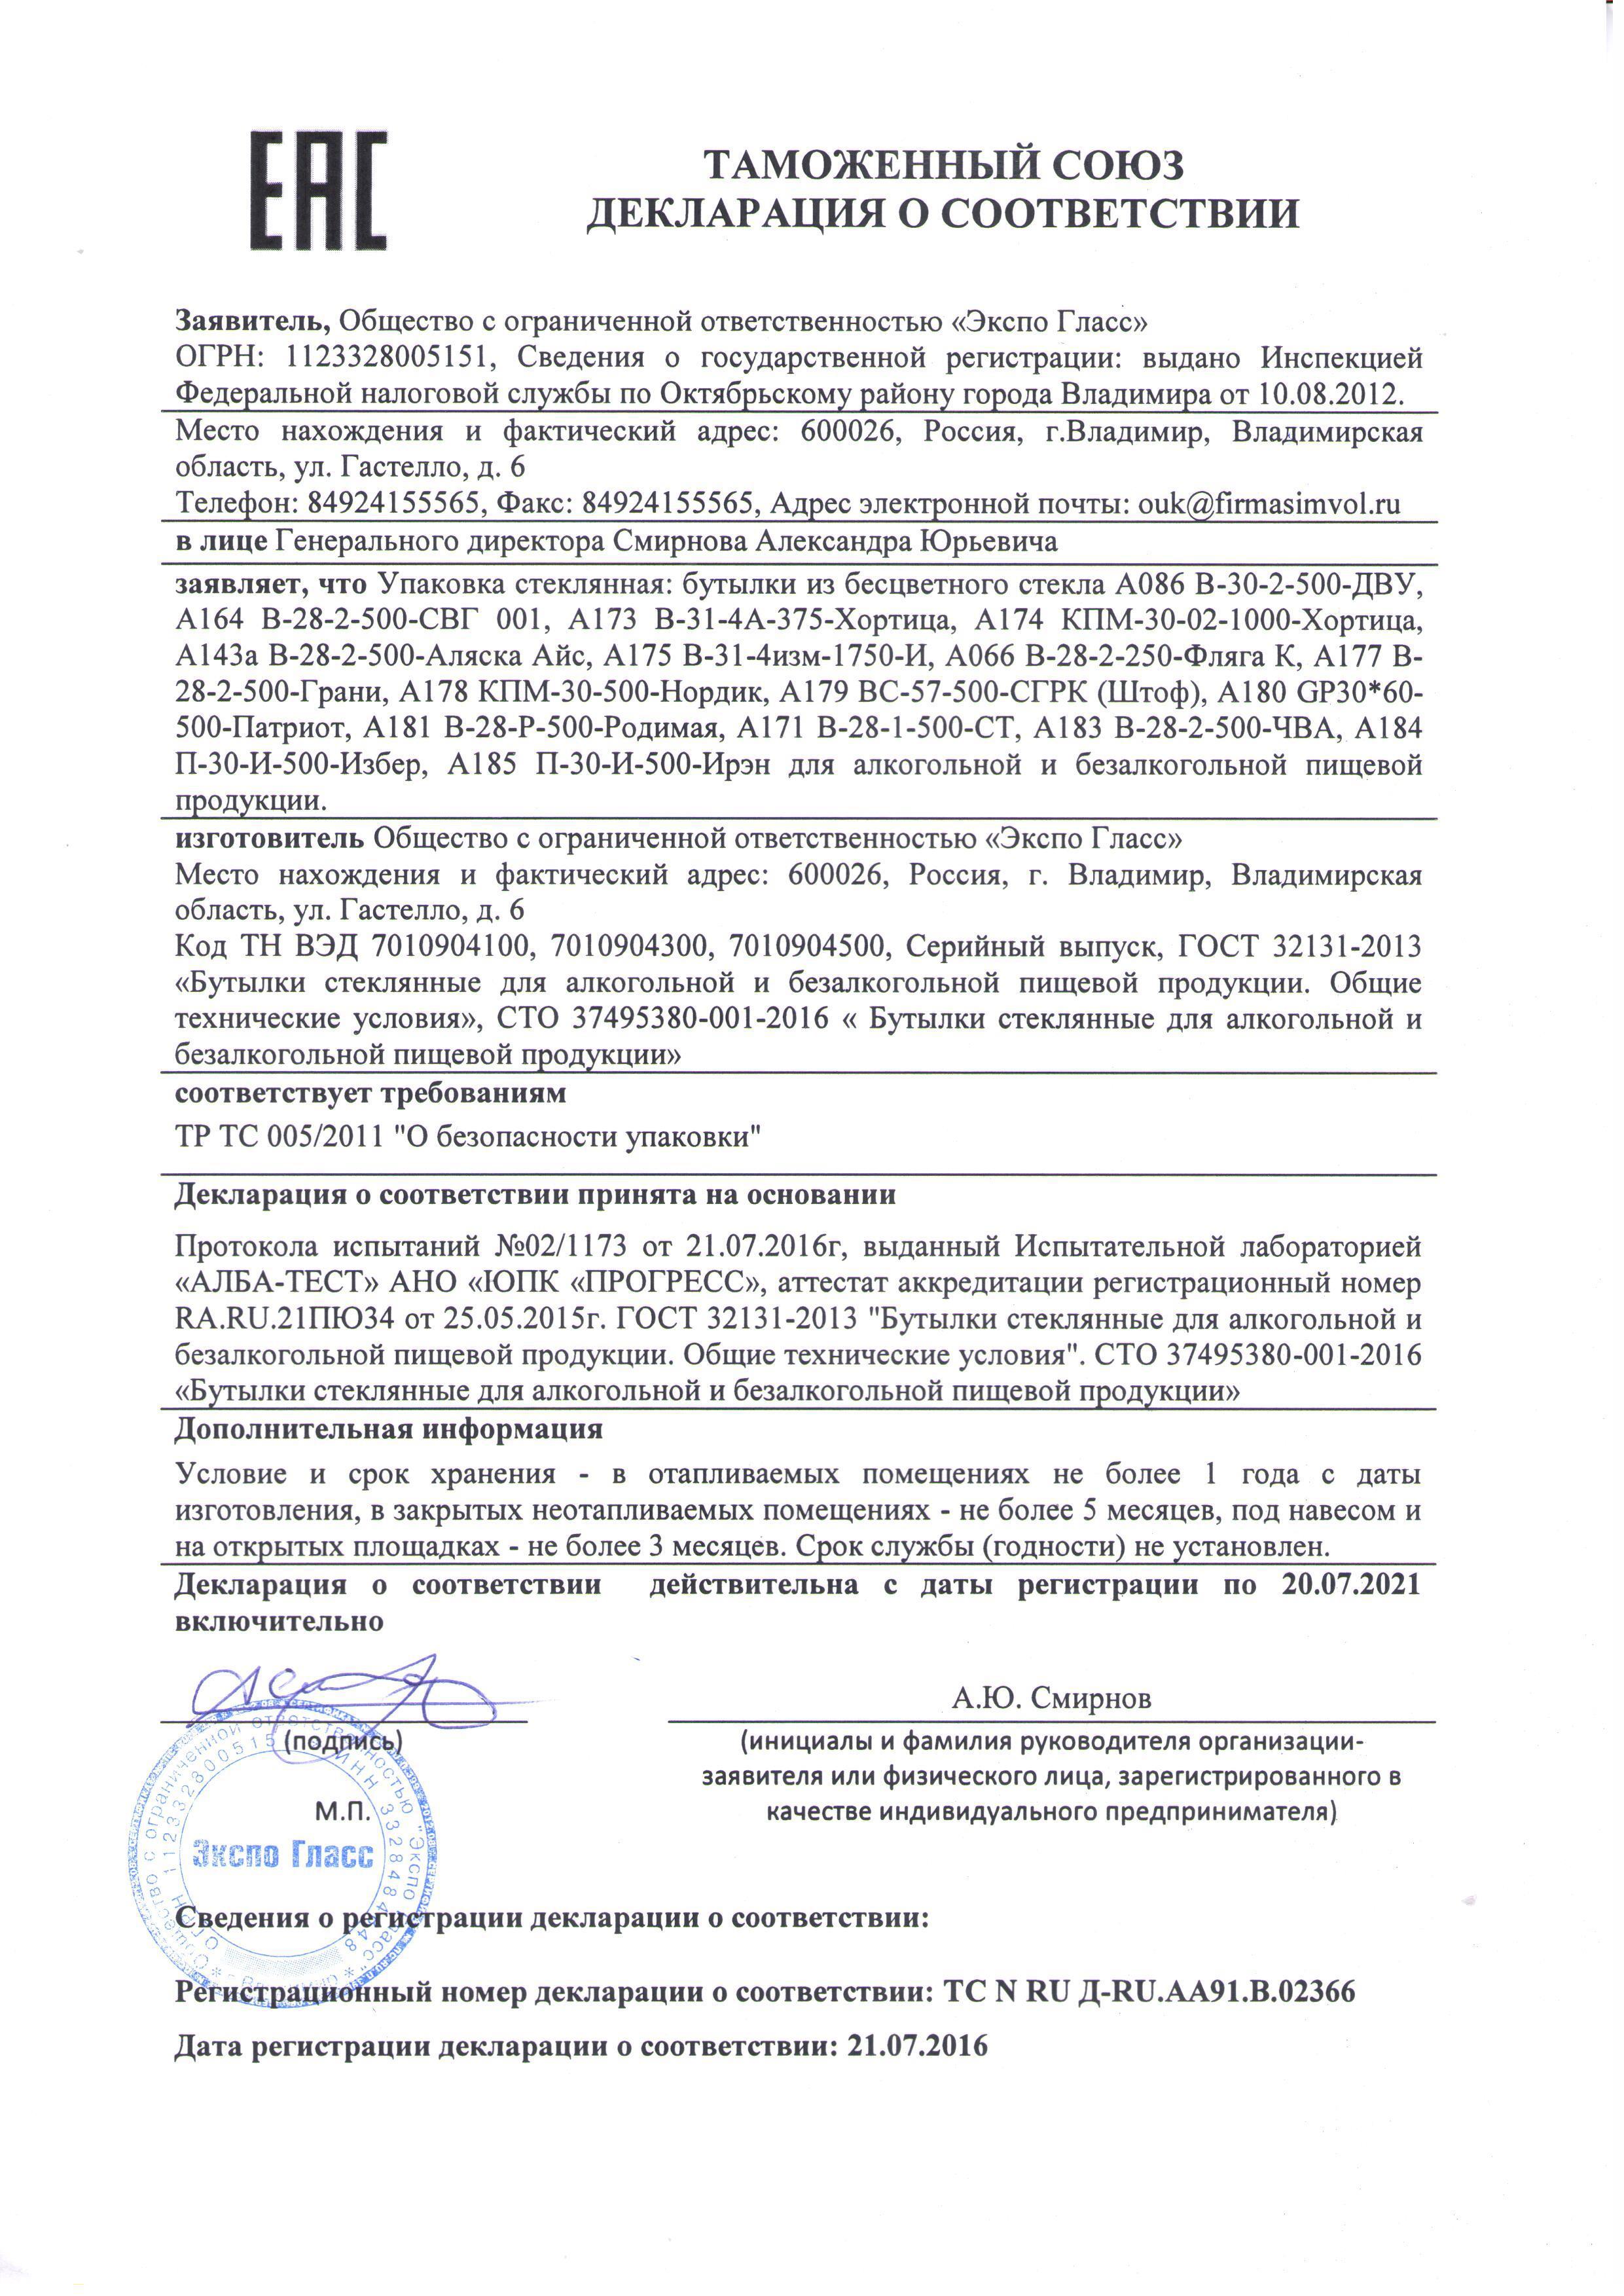 ТС № RU Д-RU АА91.В.02366